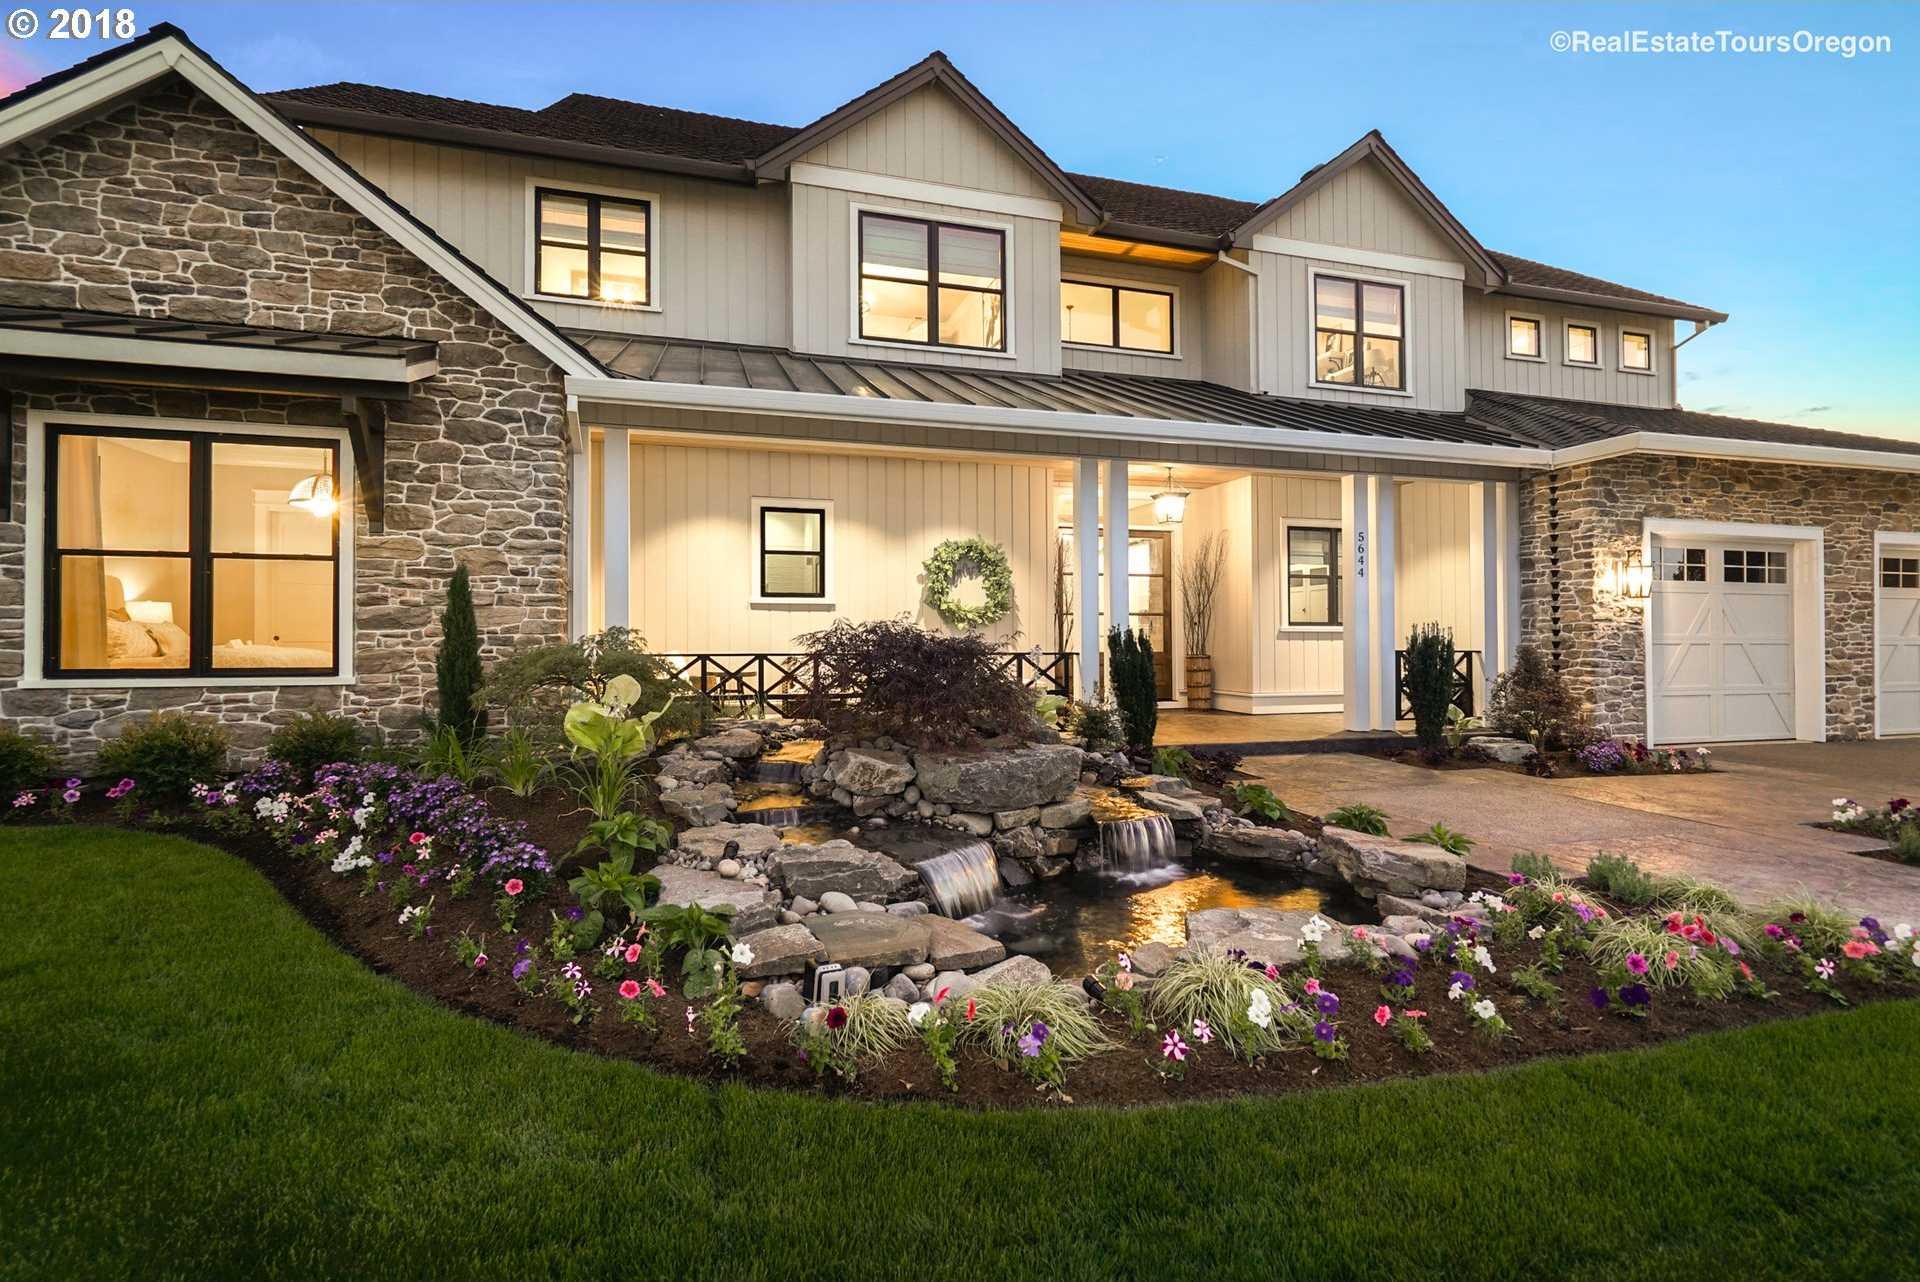 $1,875,000 - 4Br/4Ba -  for Sale in The Vendage, Hillsboro